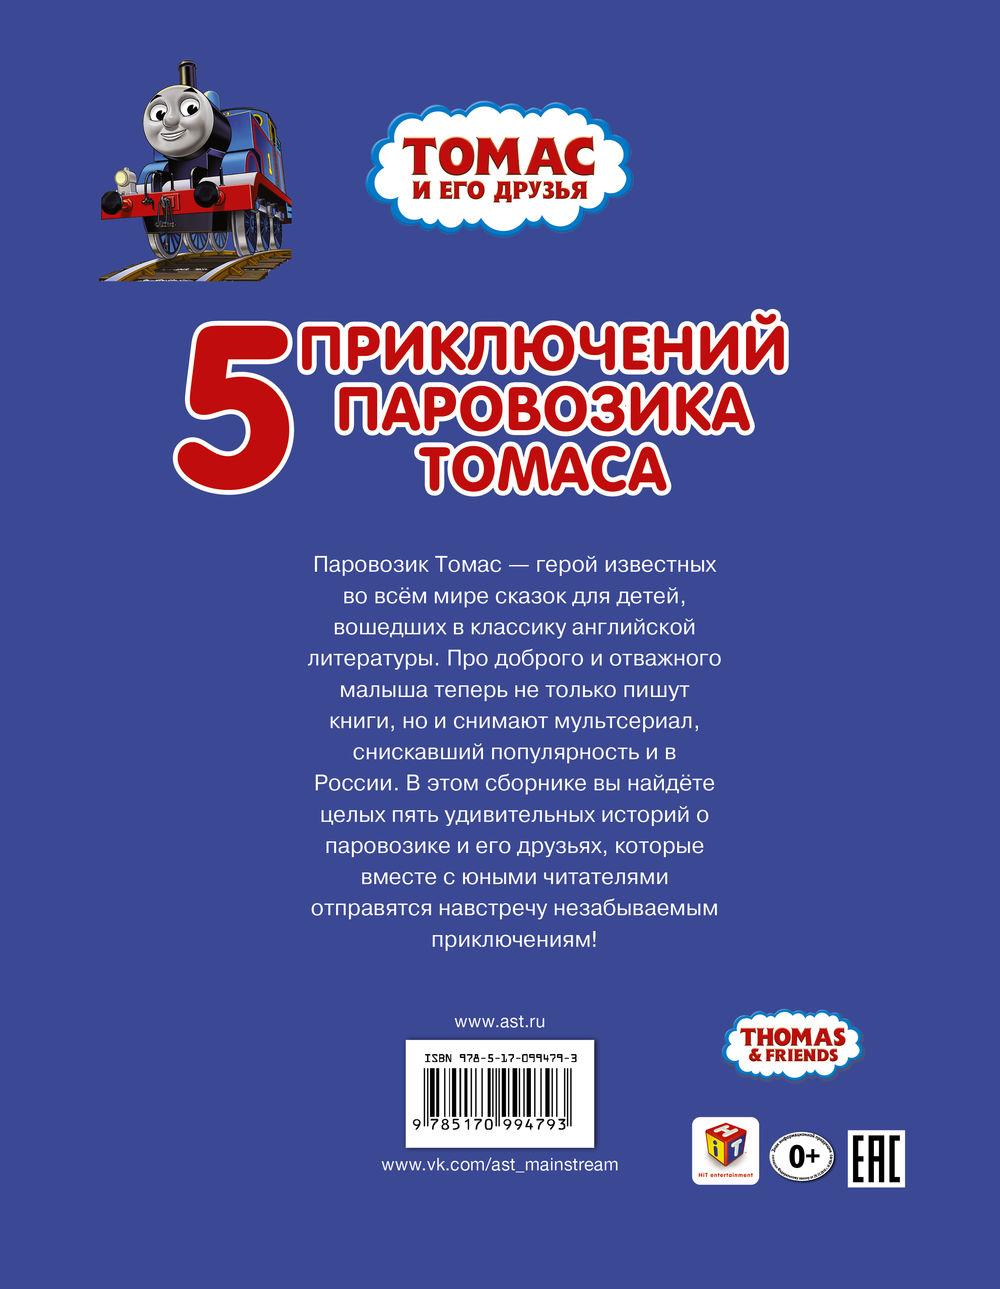 томас кастрюли инструкция